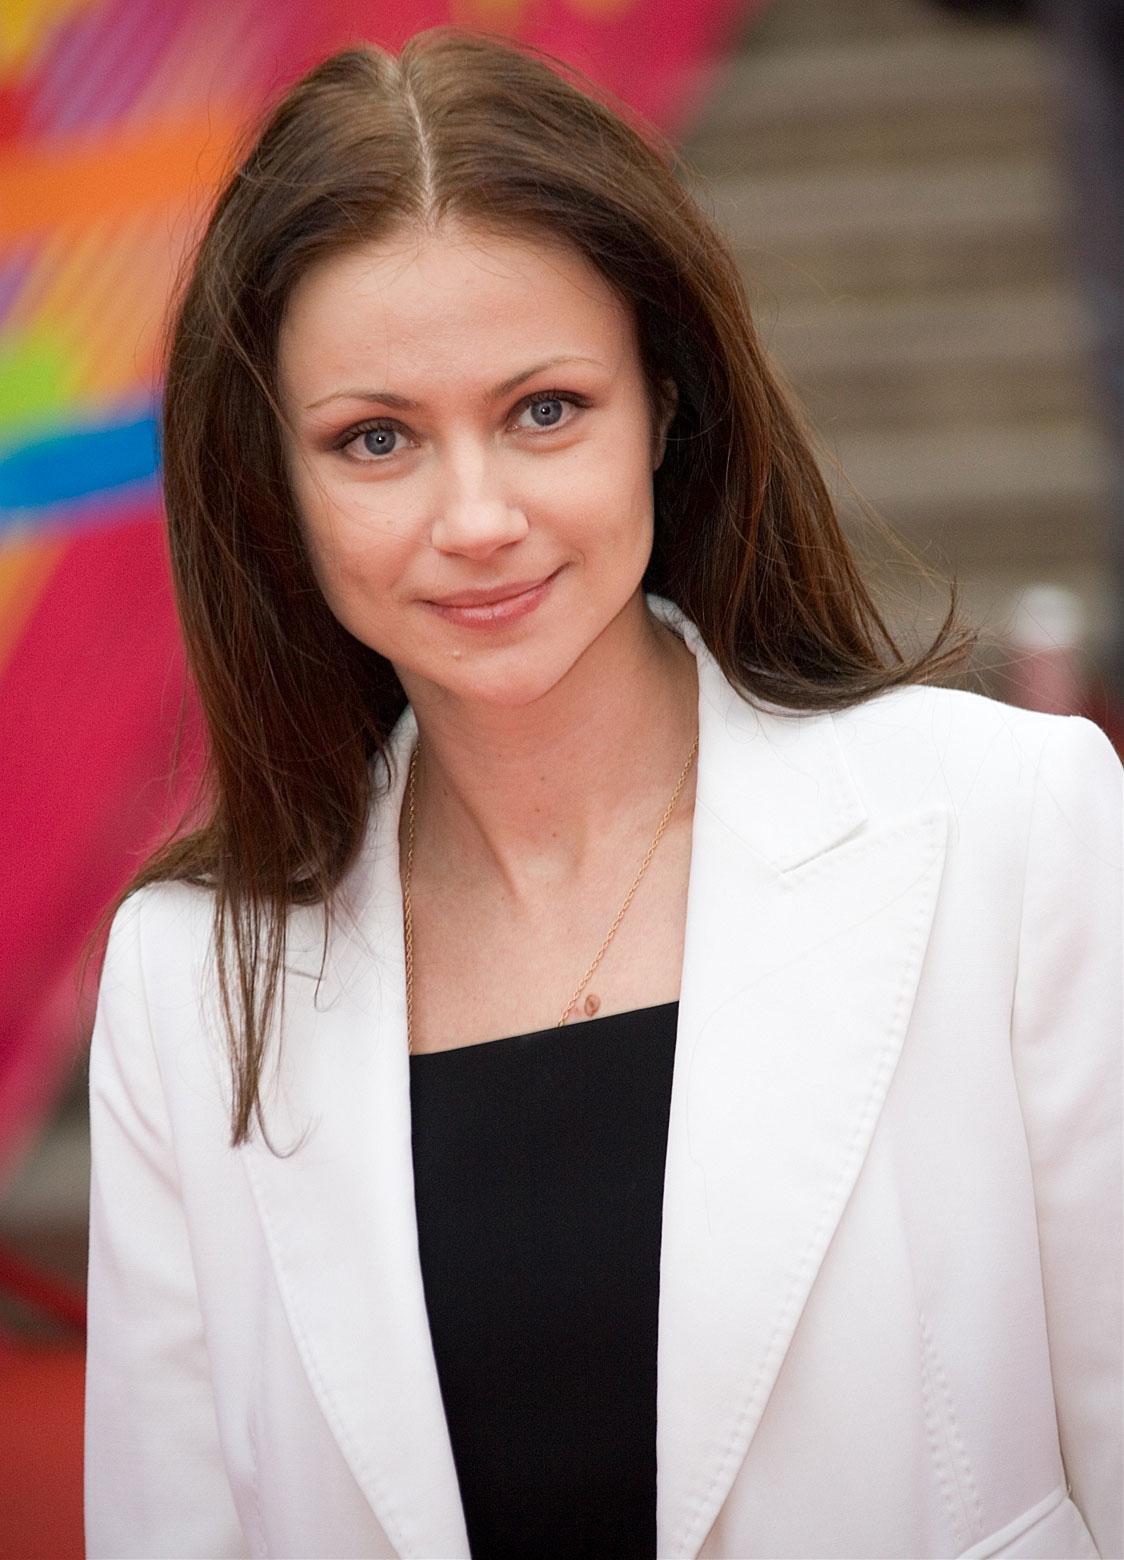 фото молодых актрис россии театра и кино мне нравится